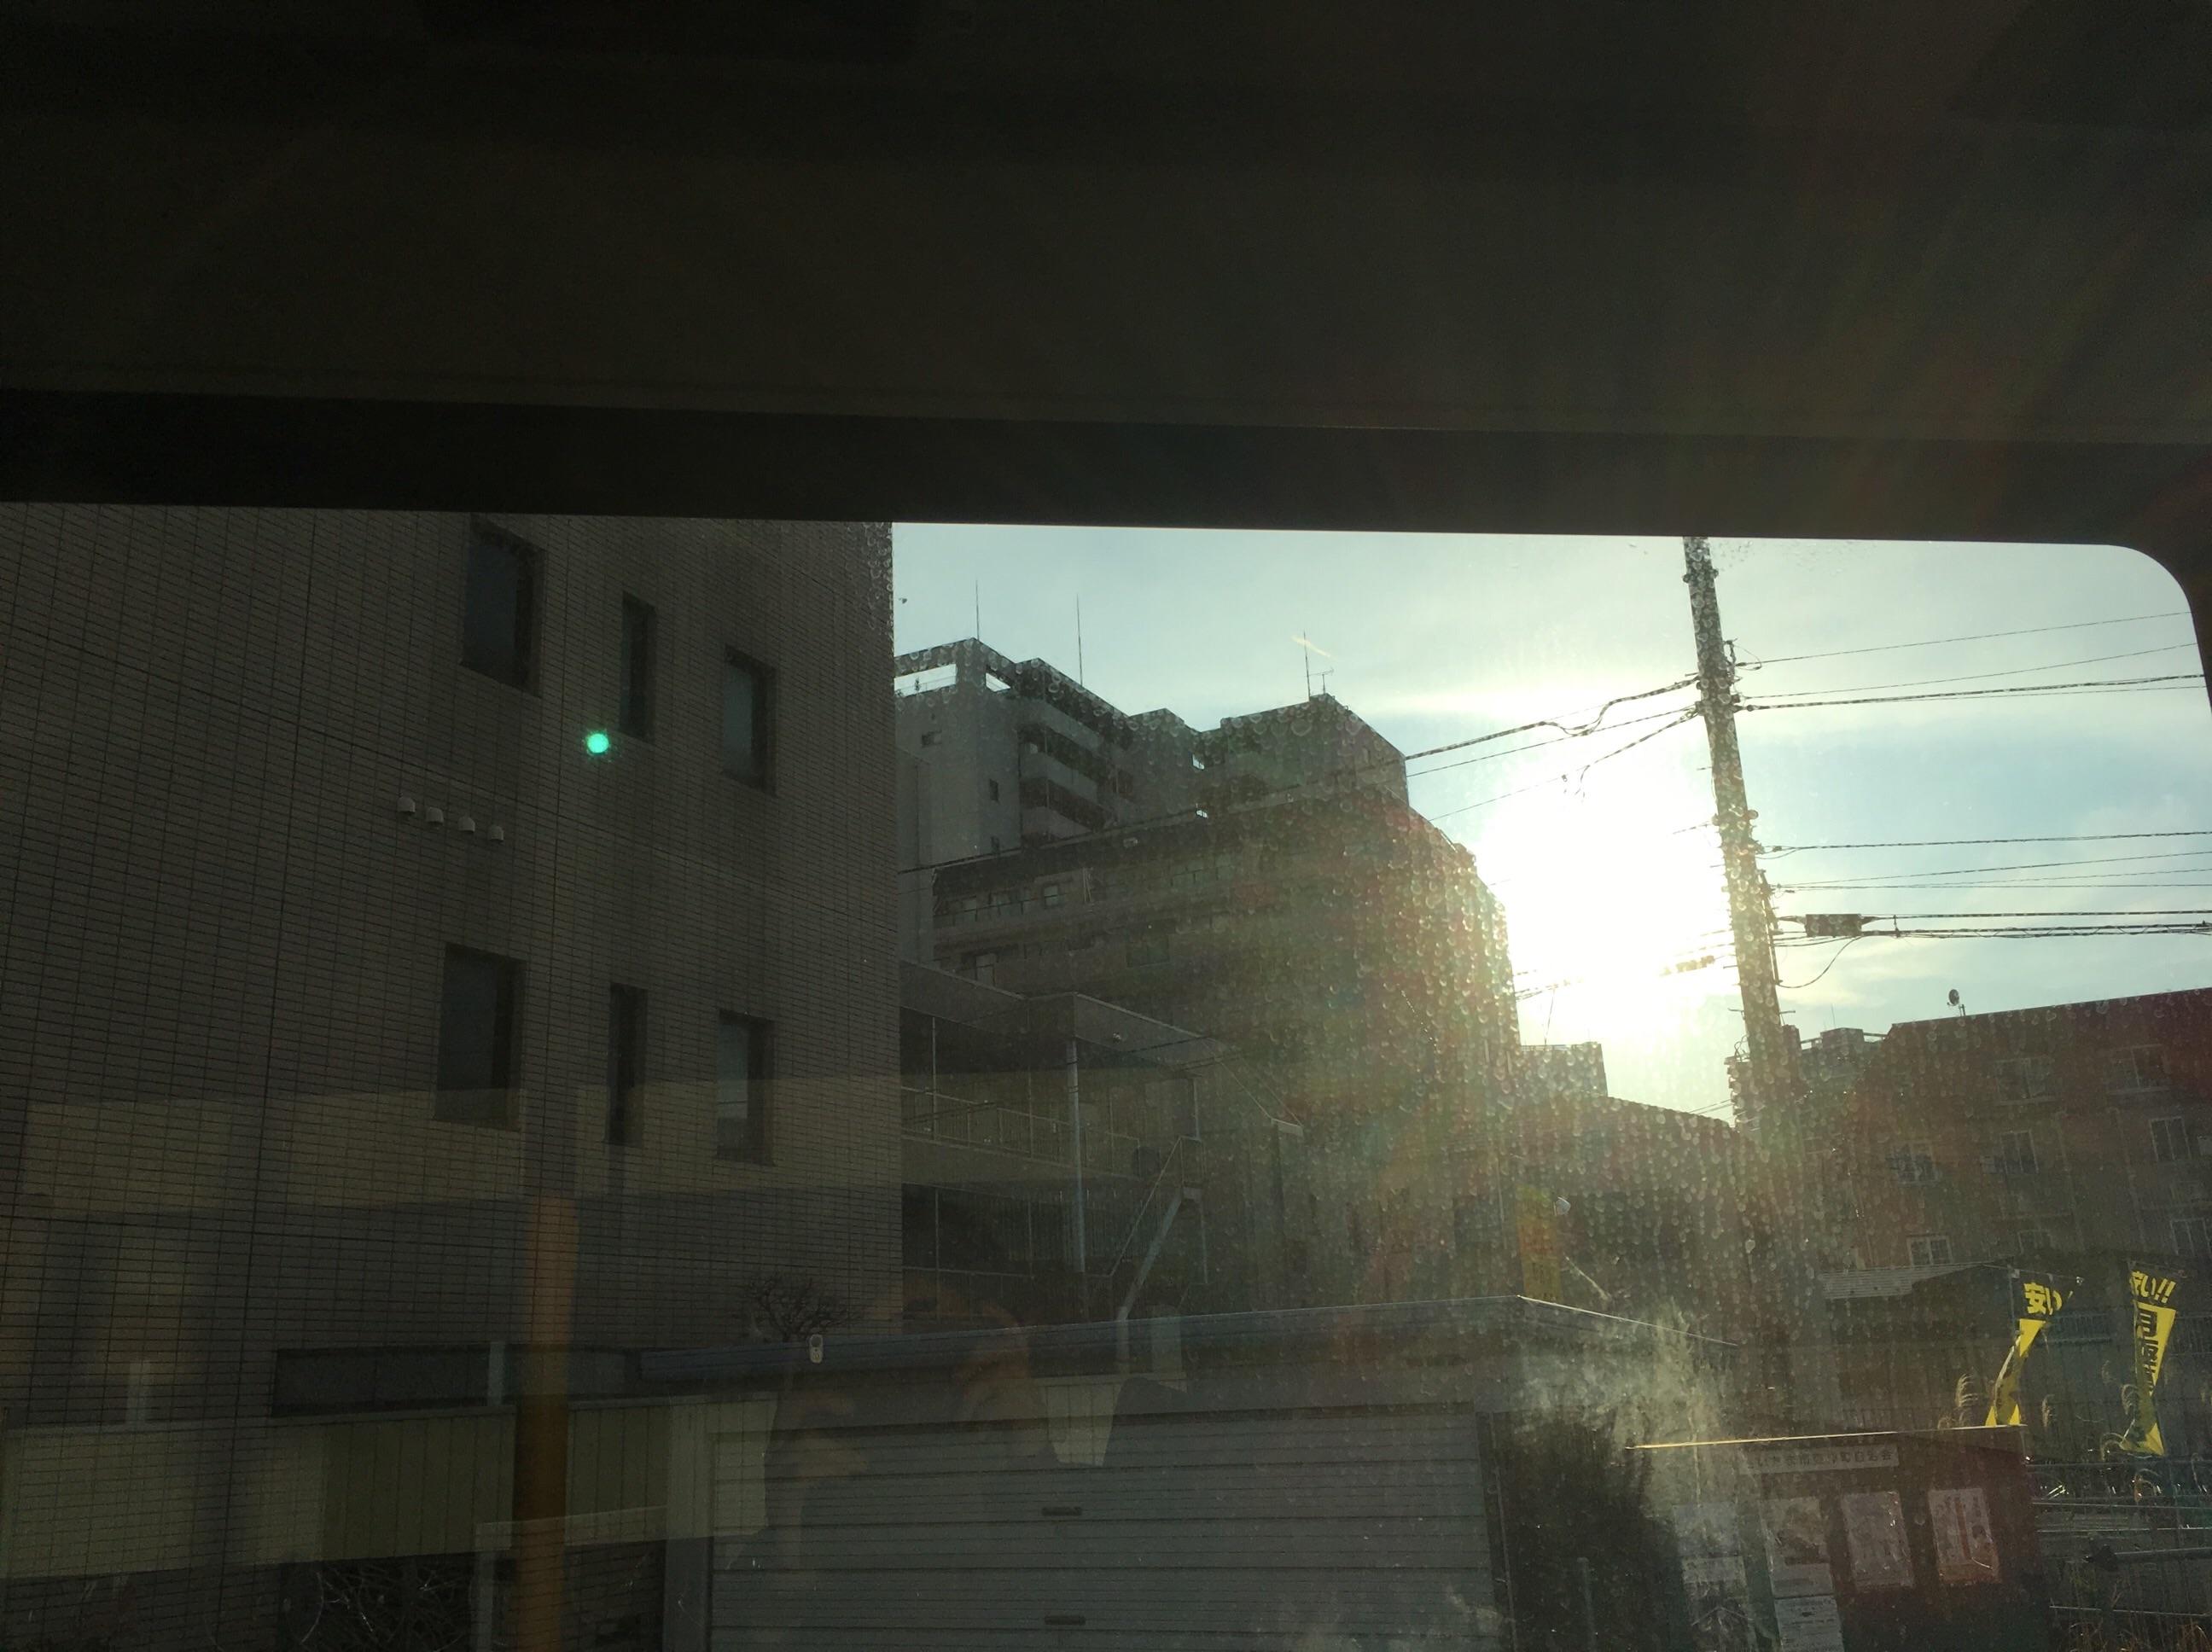 f:id:hirari-uv-taku:20170327165357j:image